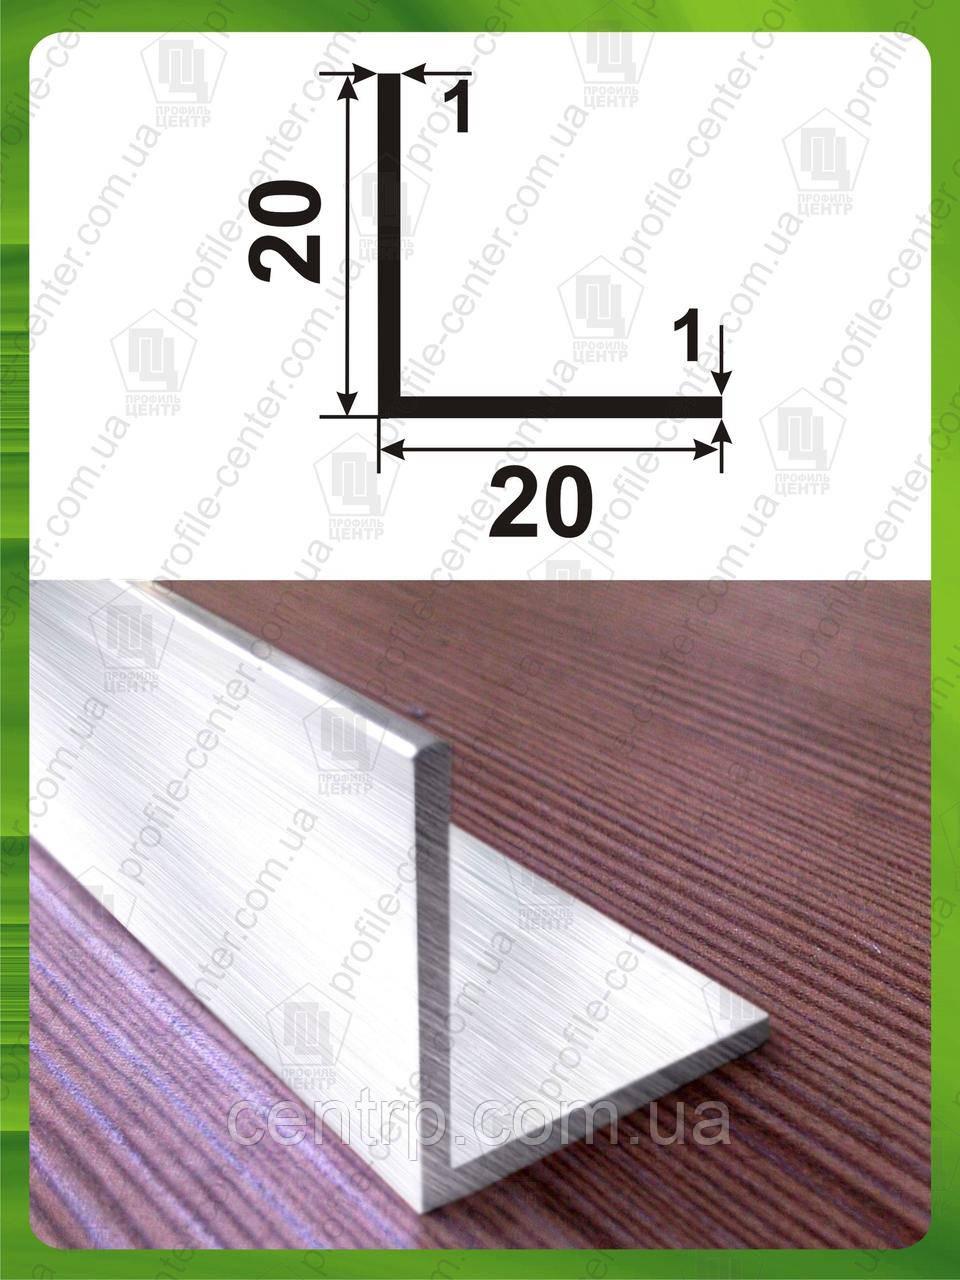 Уголок алюминиевый равнополочный (равносторонний) 20*20*1